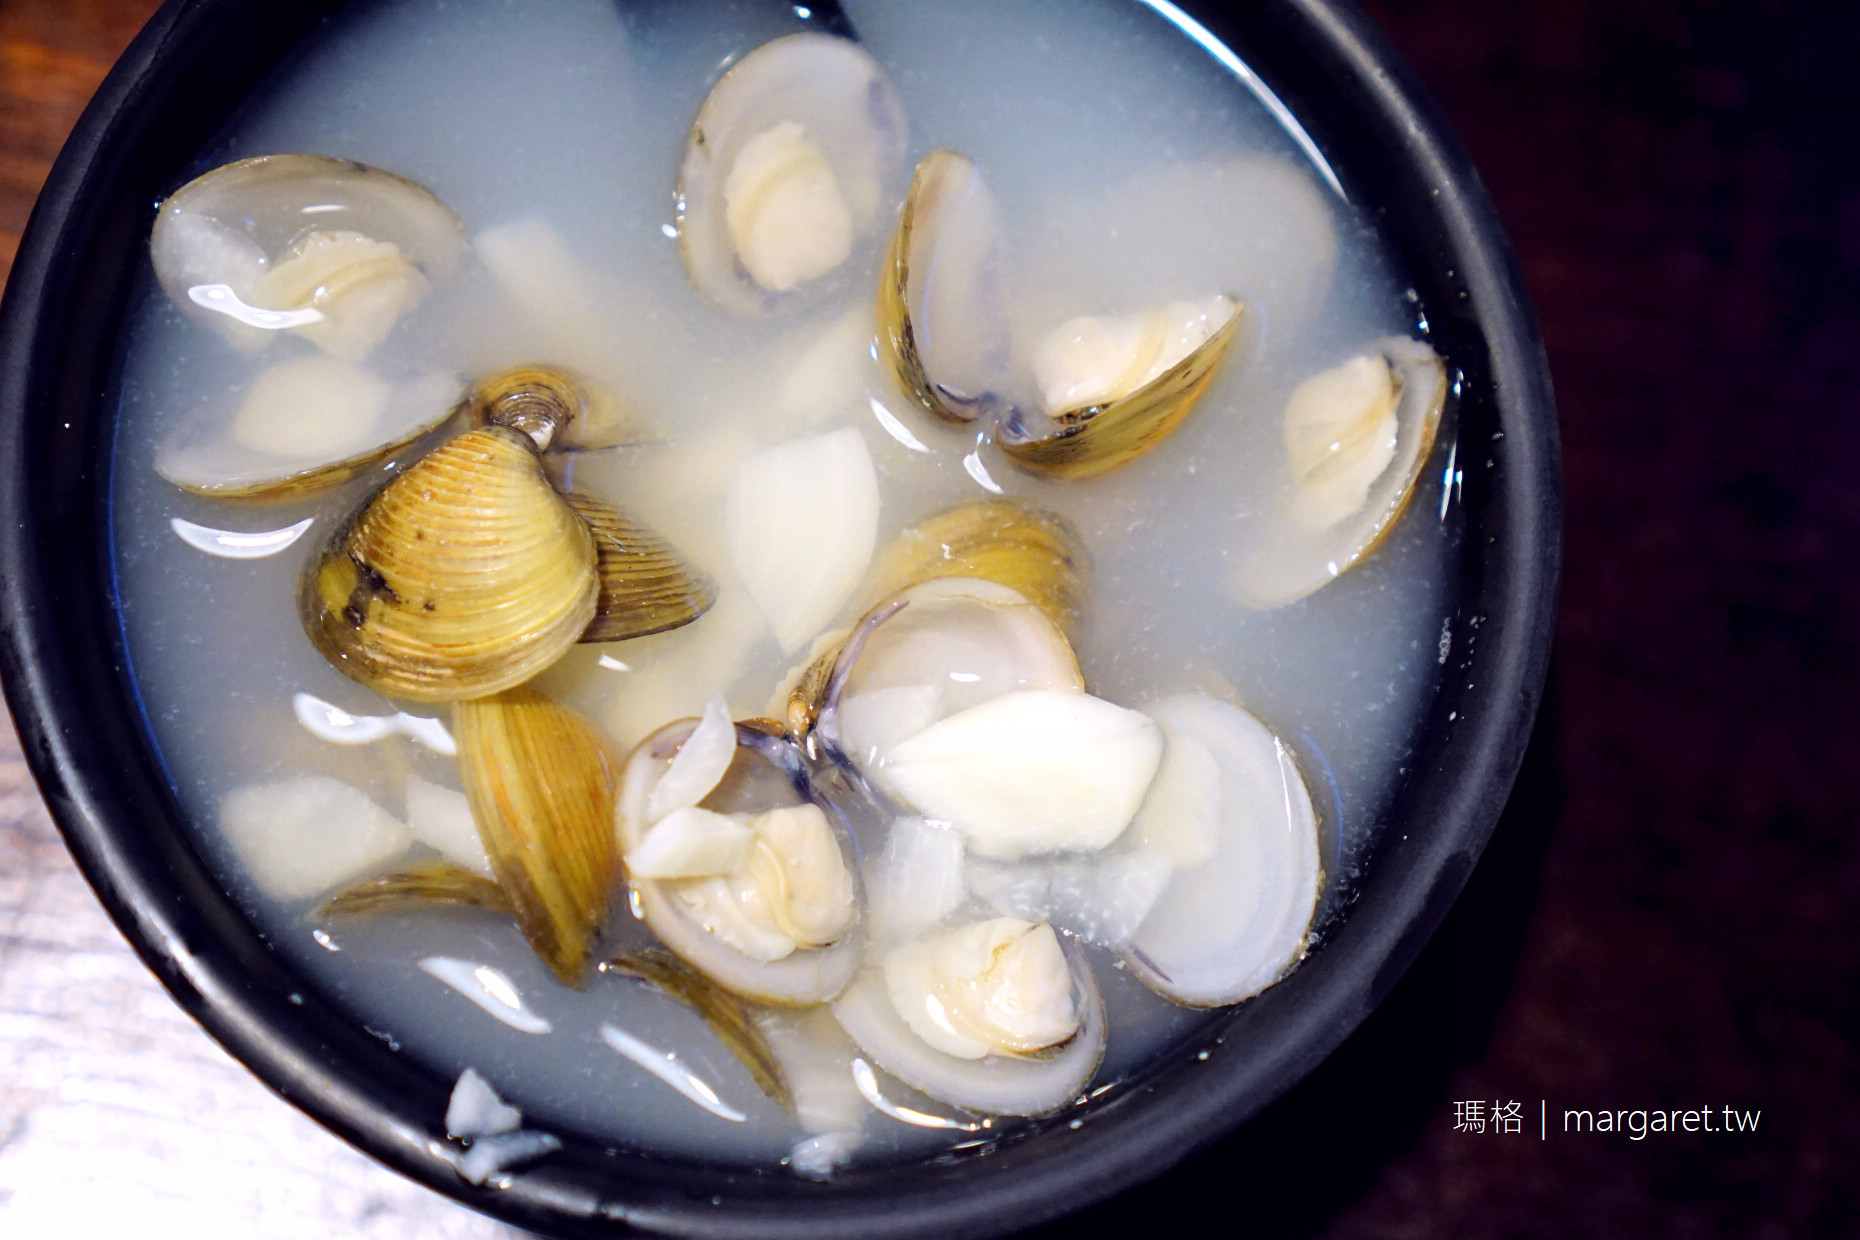 一串燒日式居酒屋。嘉義深夜食堂|司機大哥的美食秘密基地 (二訪更新) @瑪格。圖寫生活